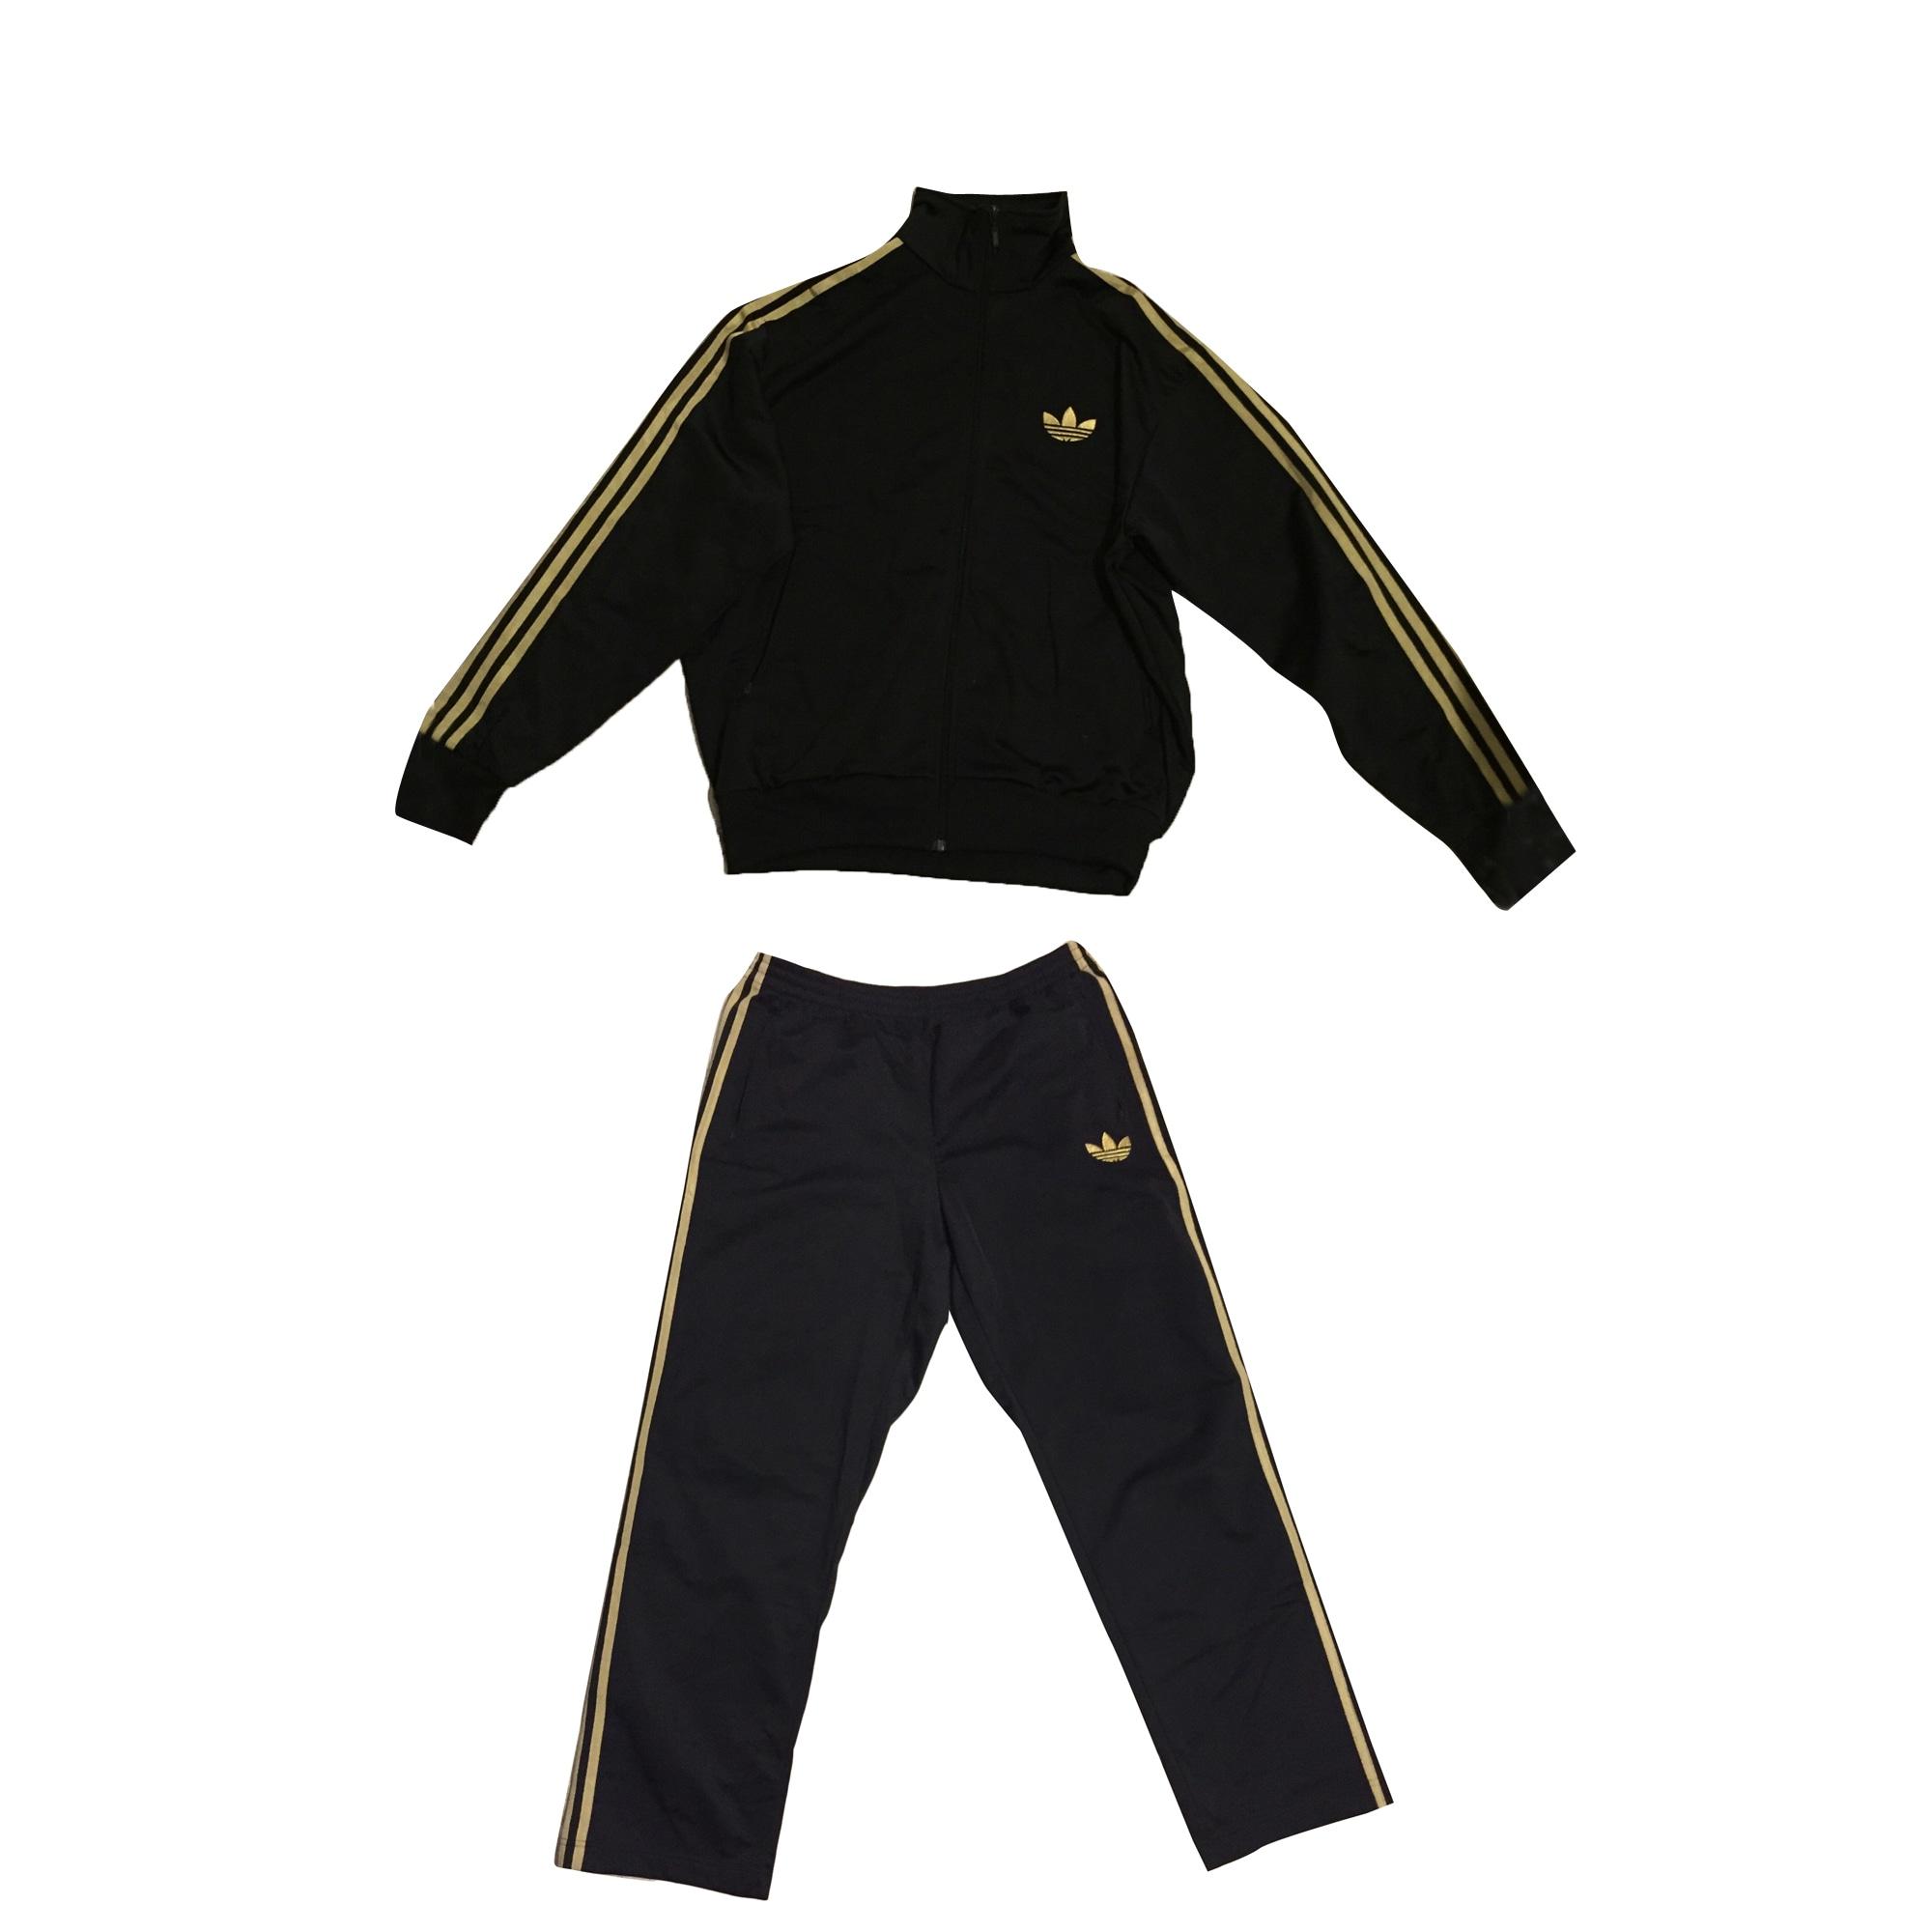 3c50169abec86 Ensemble jogging ADIDAS 42 noir vendu par Ml570 - 8141161